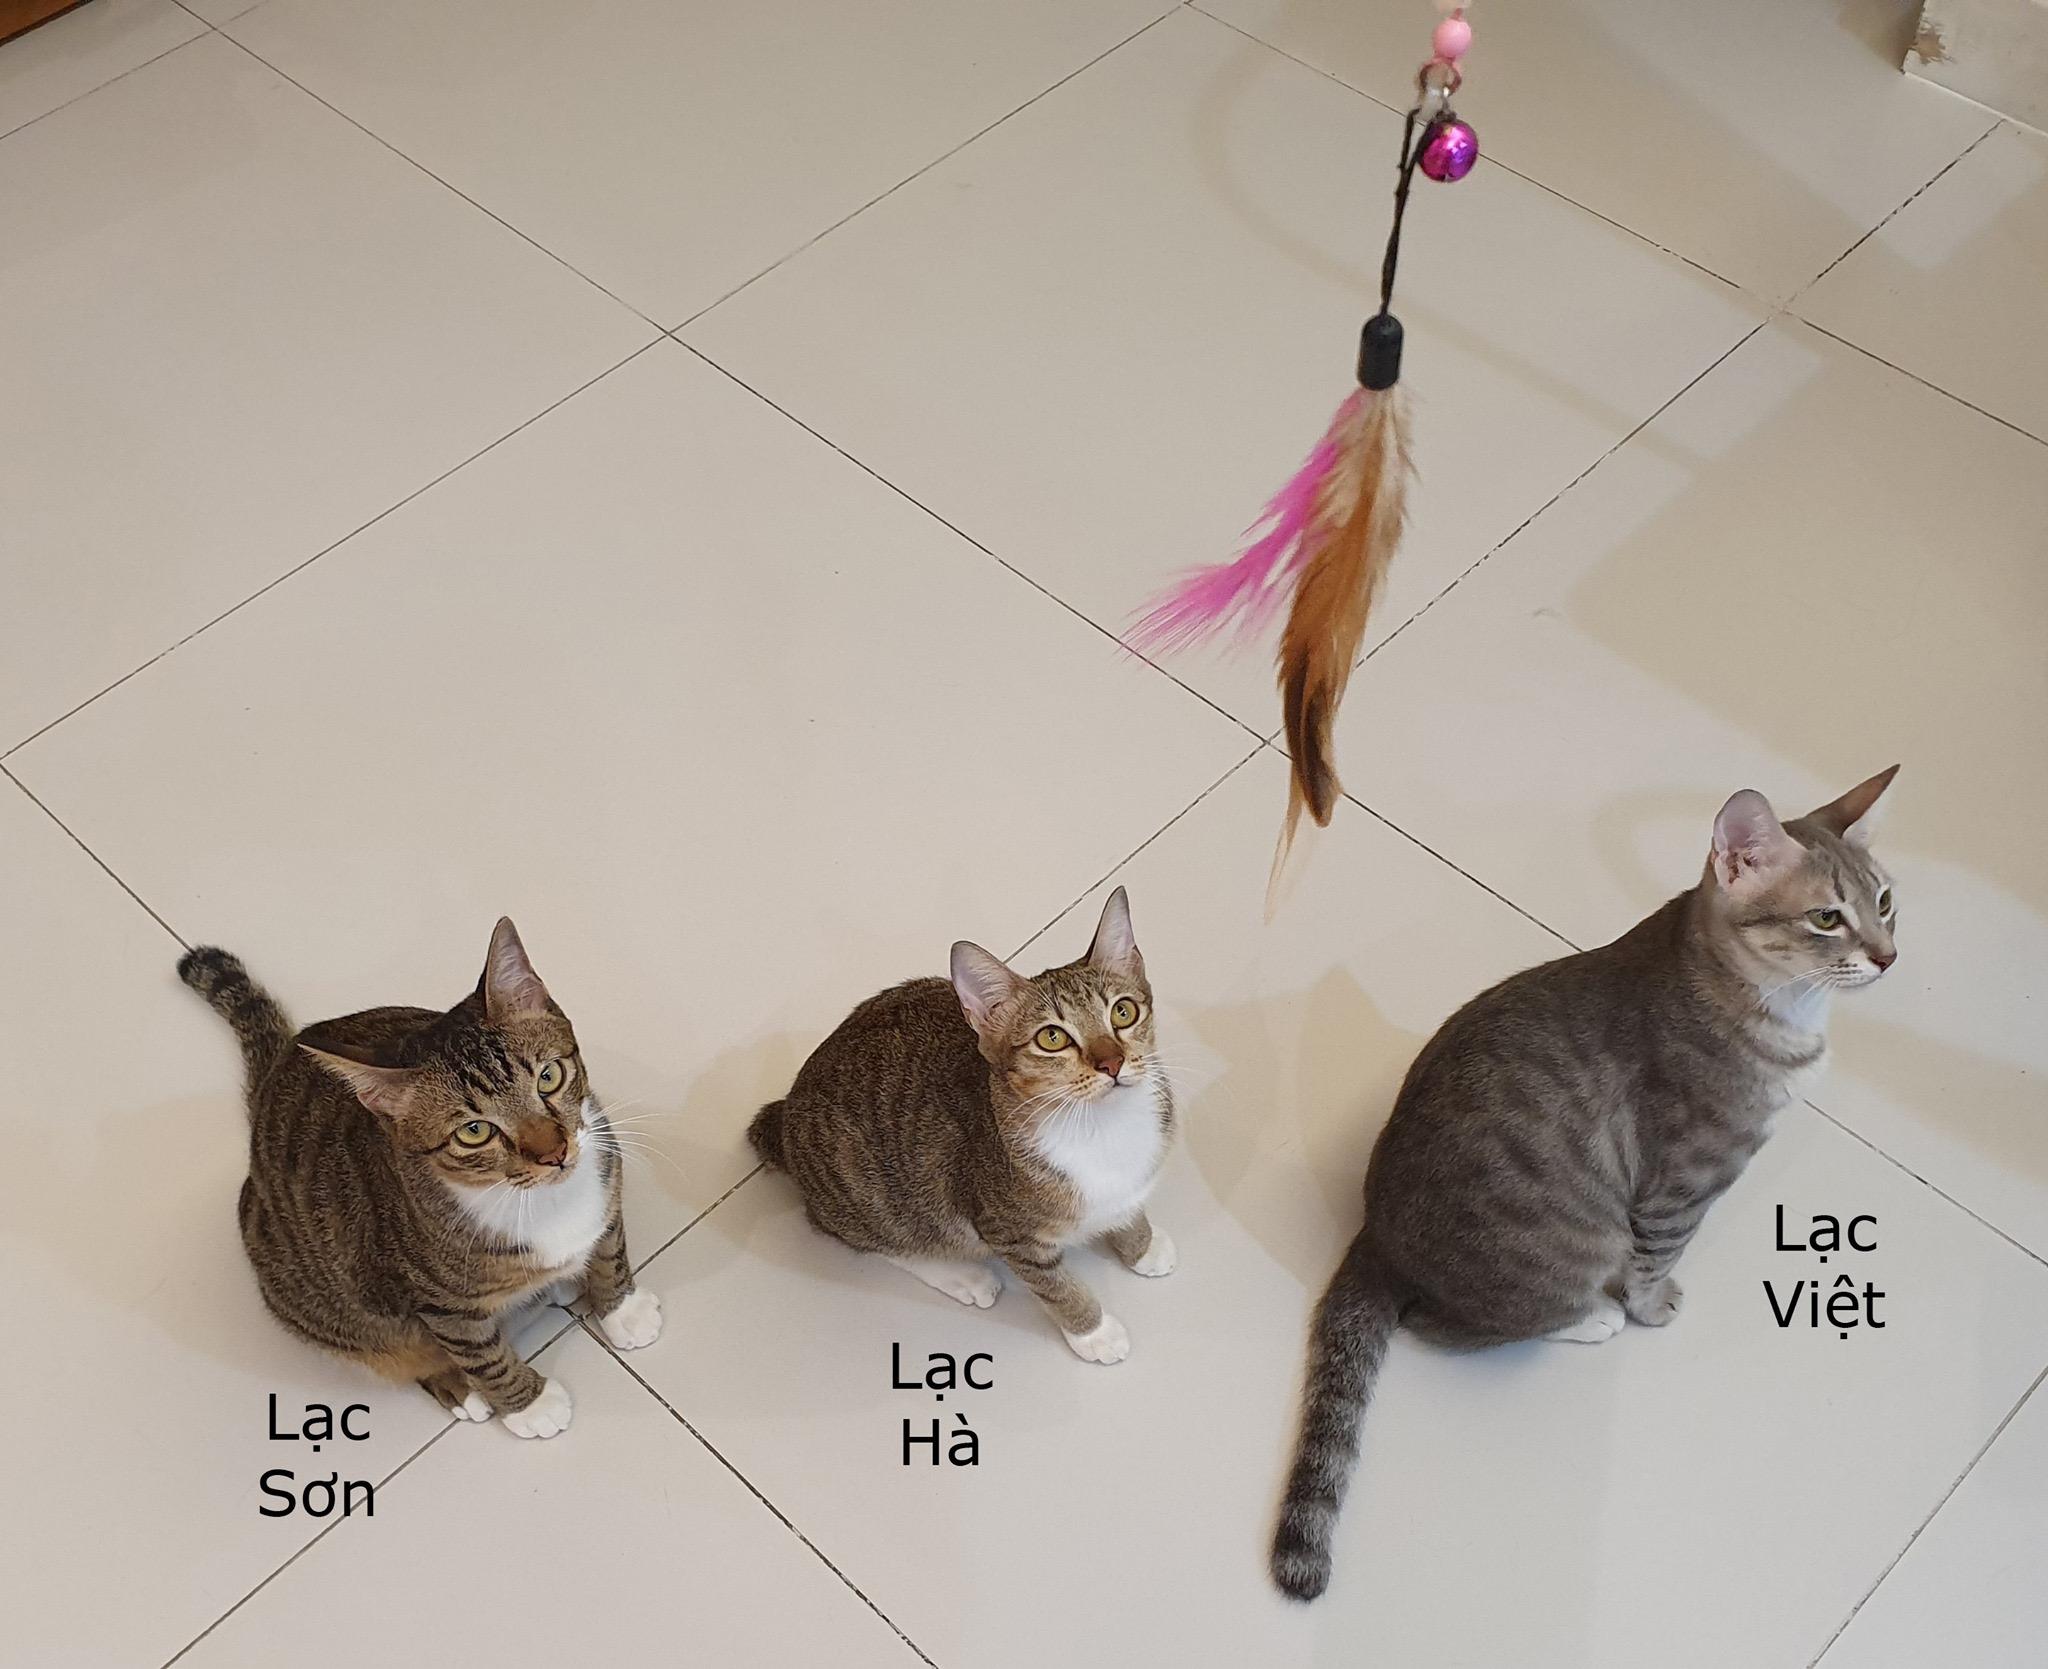 Đàn mèo tên Lạc với vẻ ngoài y chang nhau khiến cư dân mạng thảng thốt vì độ dễ thương